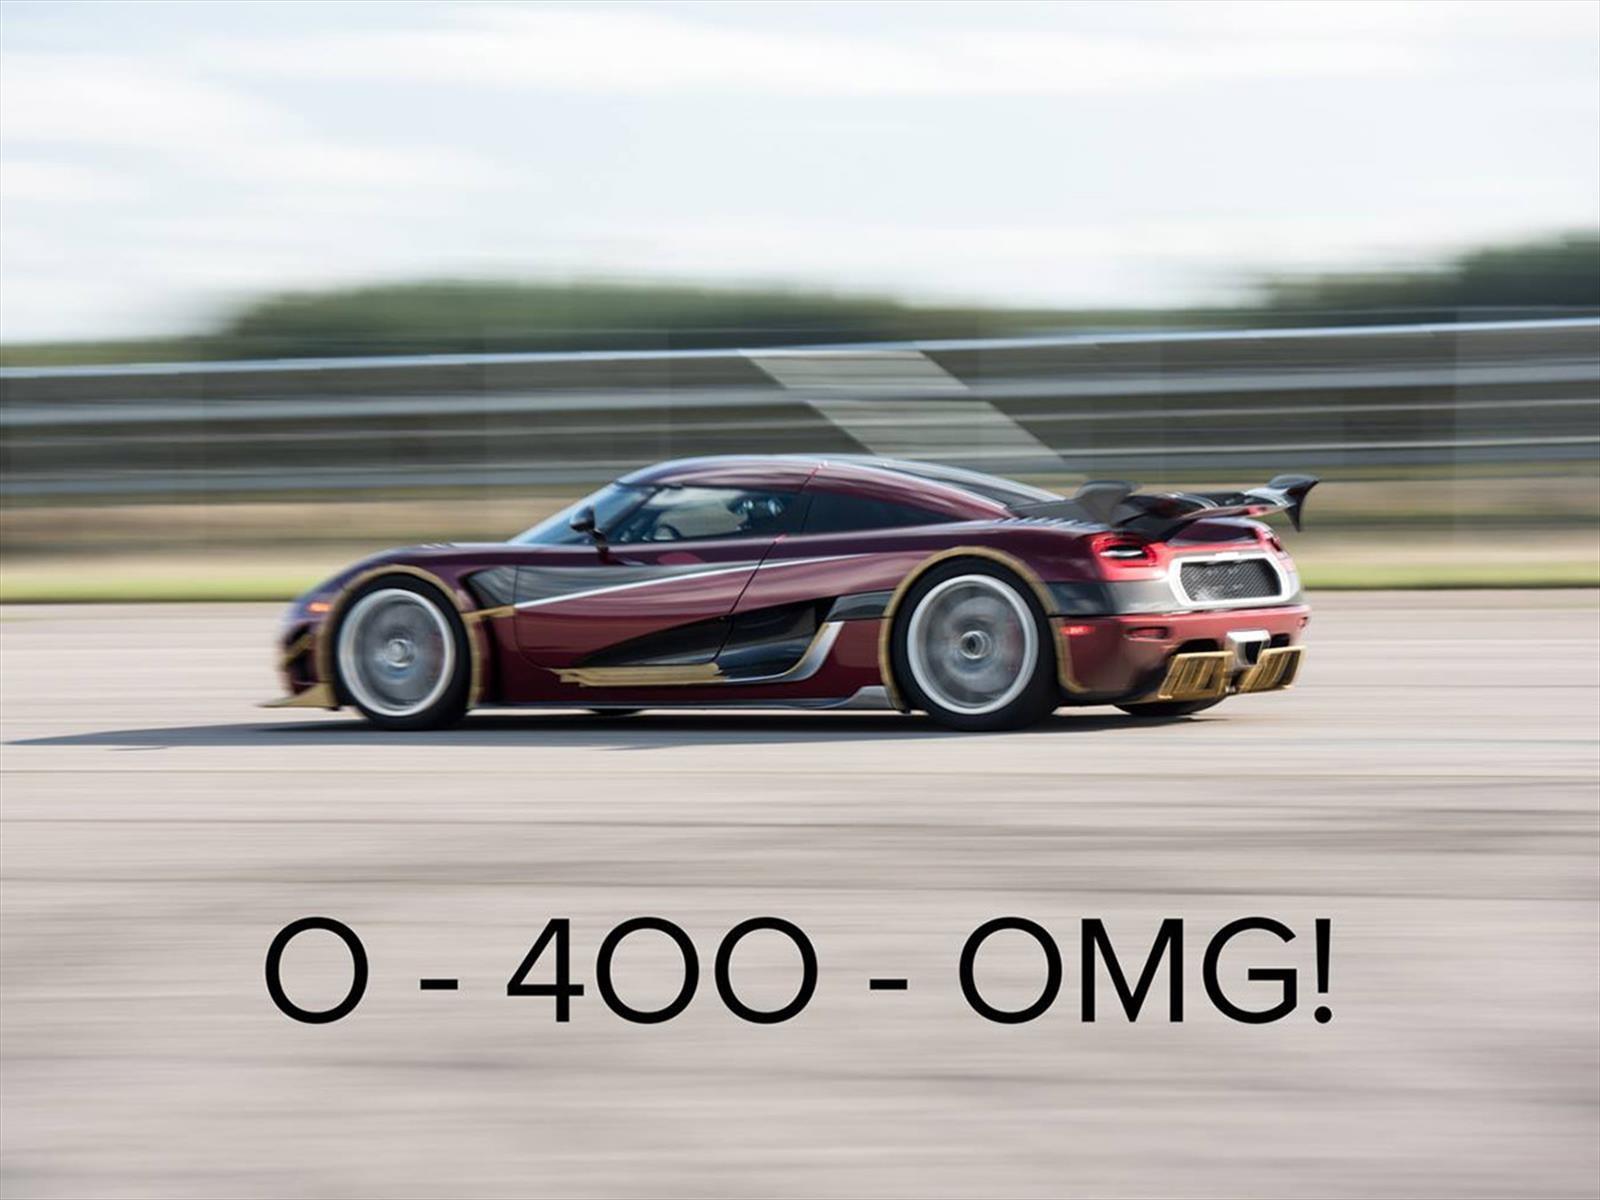 Bugatti Chiron es superado por el Koenigsegg Agera RS en el 0-400-0 km/h